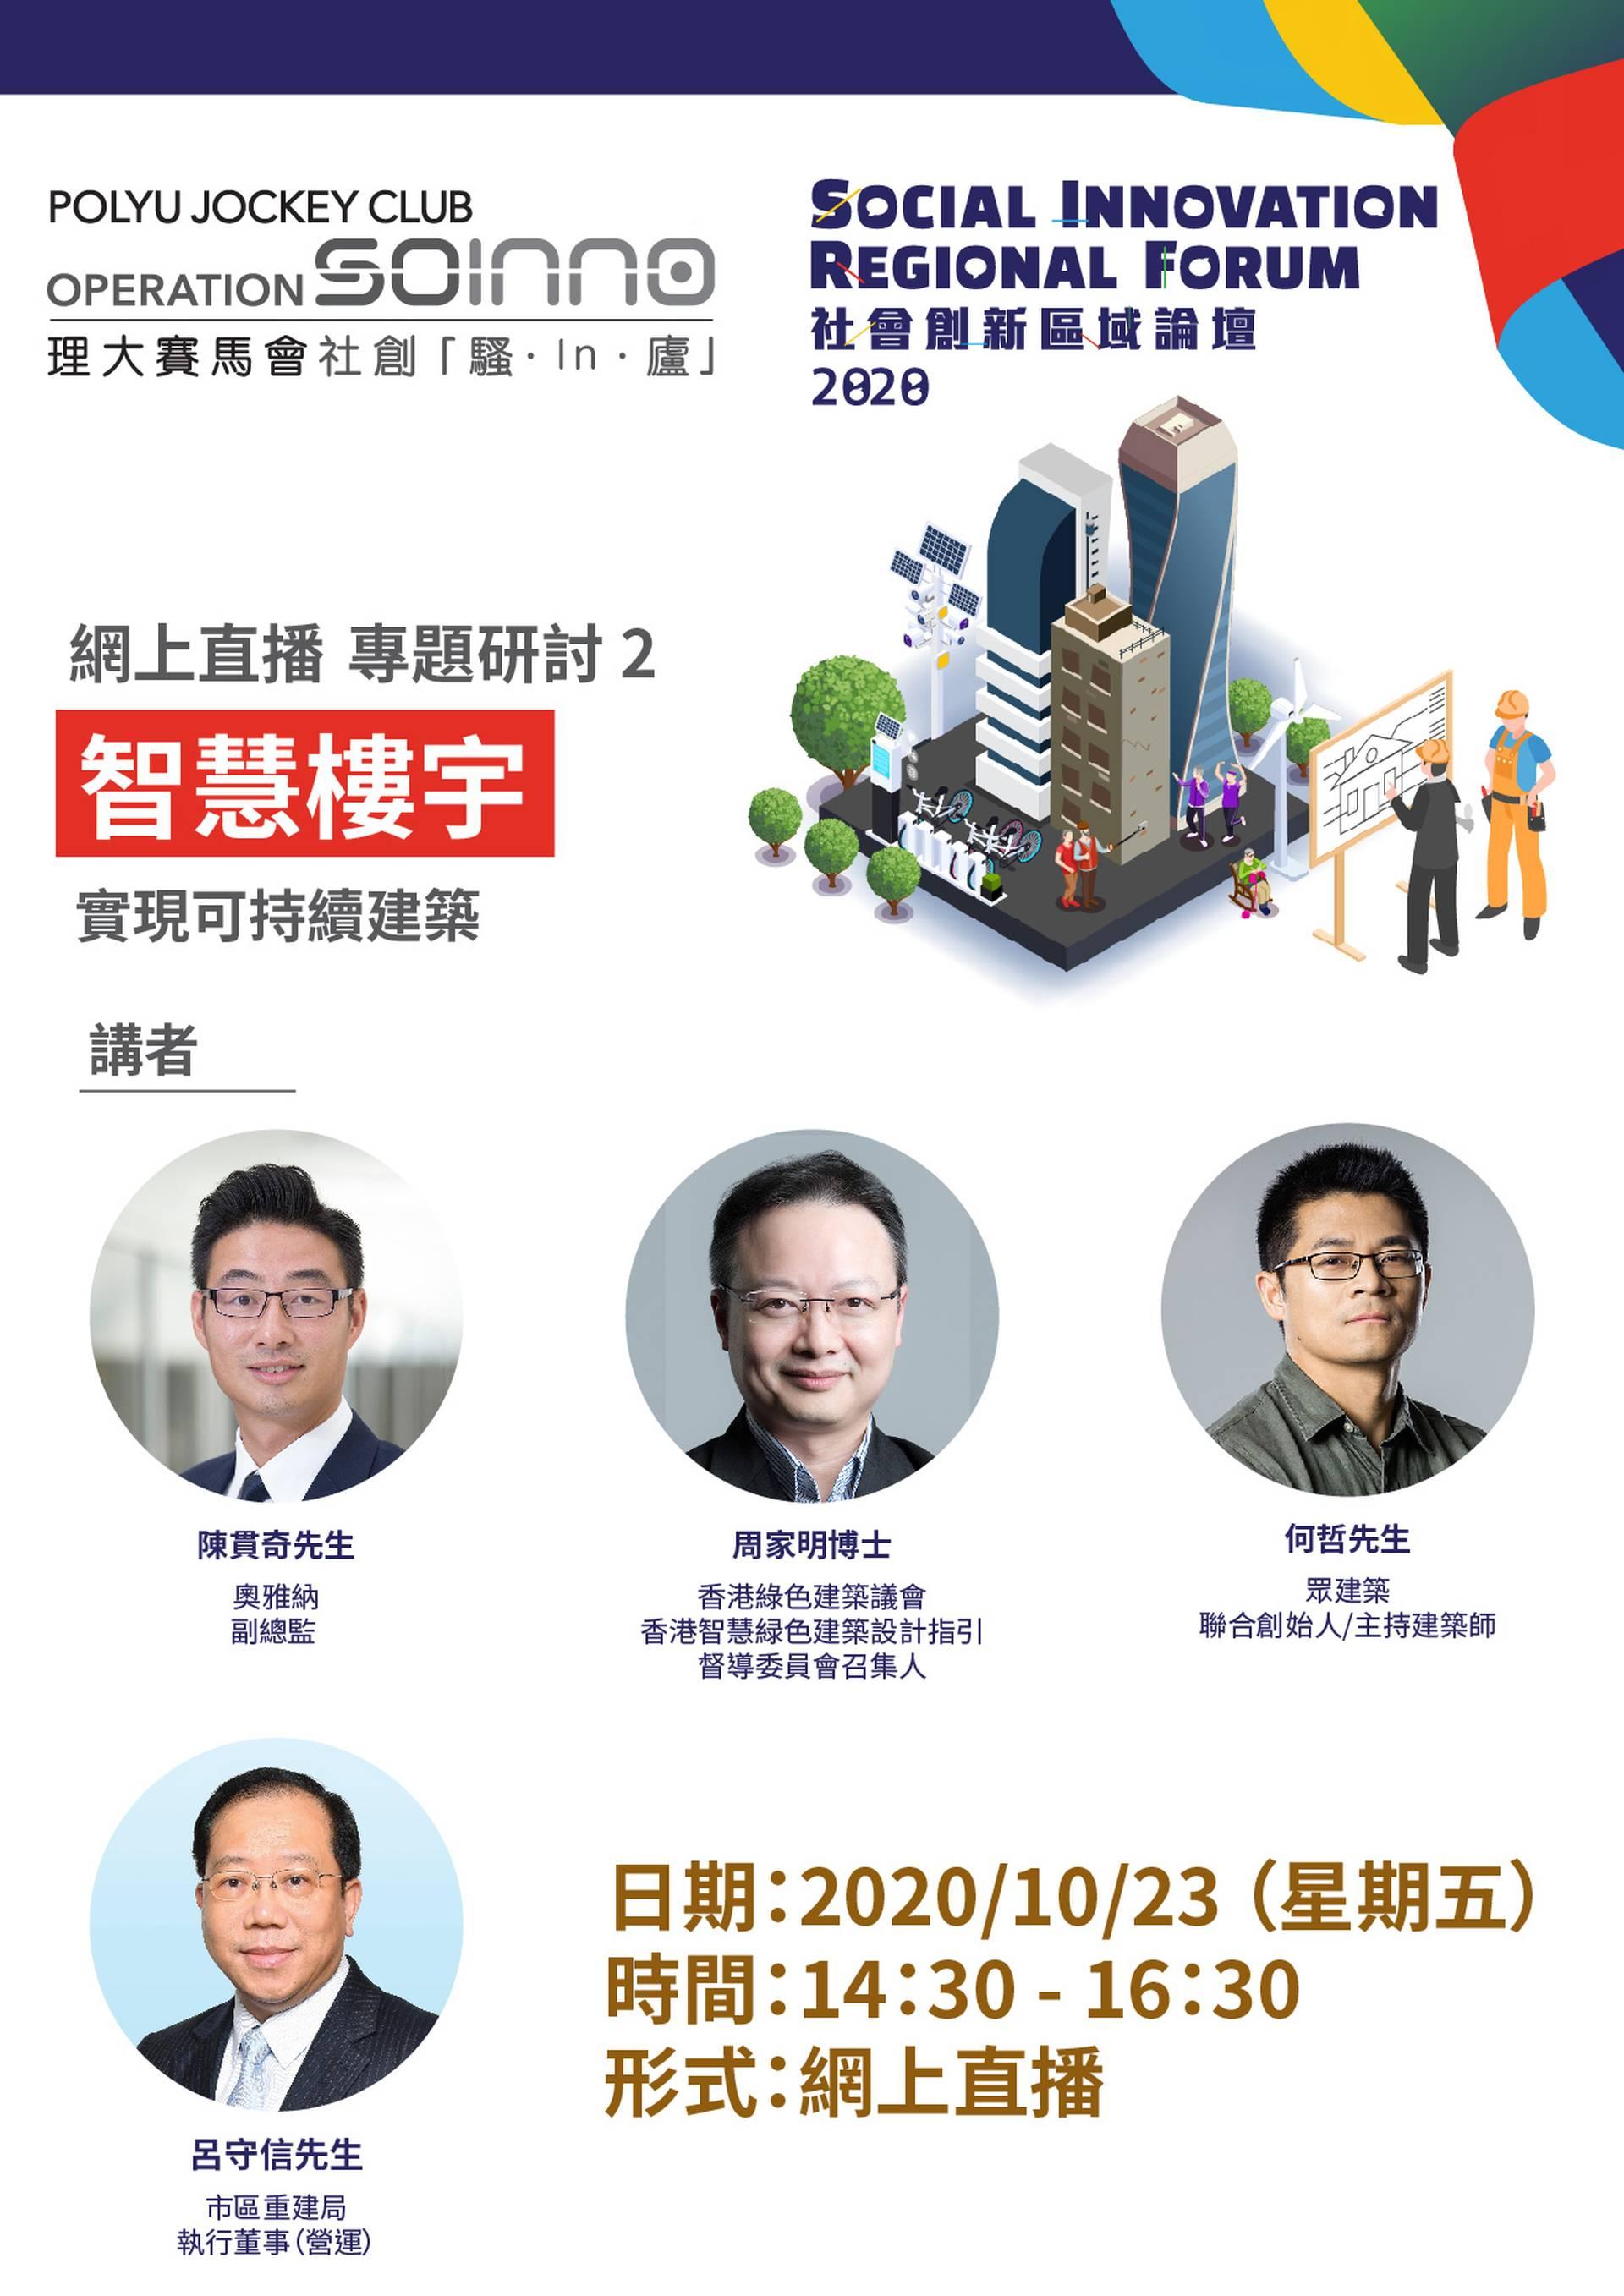 社會創新區域論壇(SIRF) 2020 專題研討 2 - 智慧樓宇: 實現可持續建築